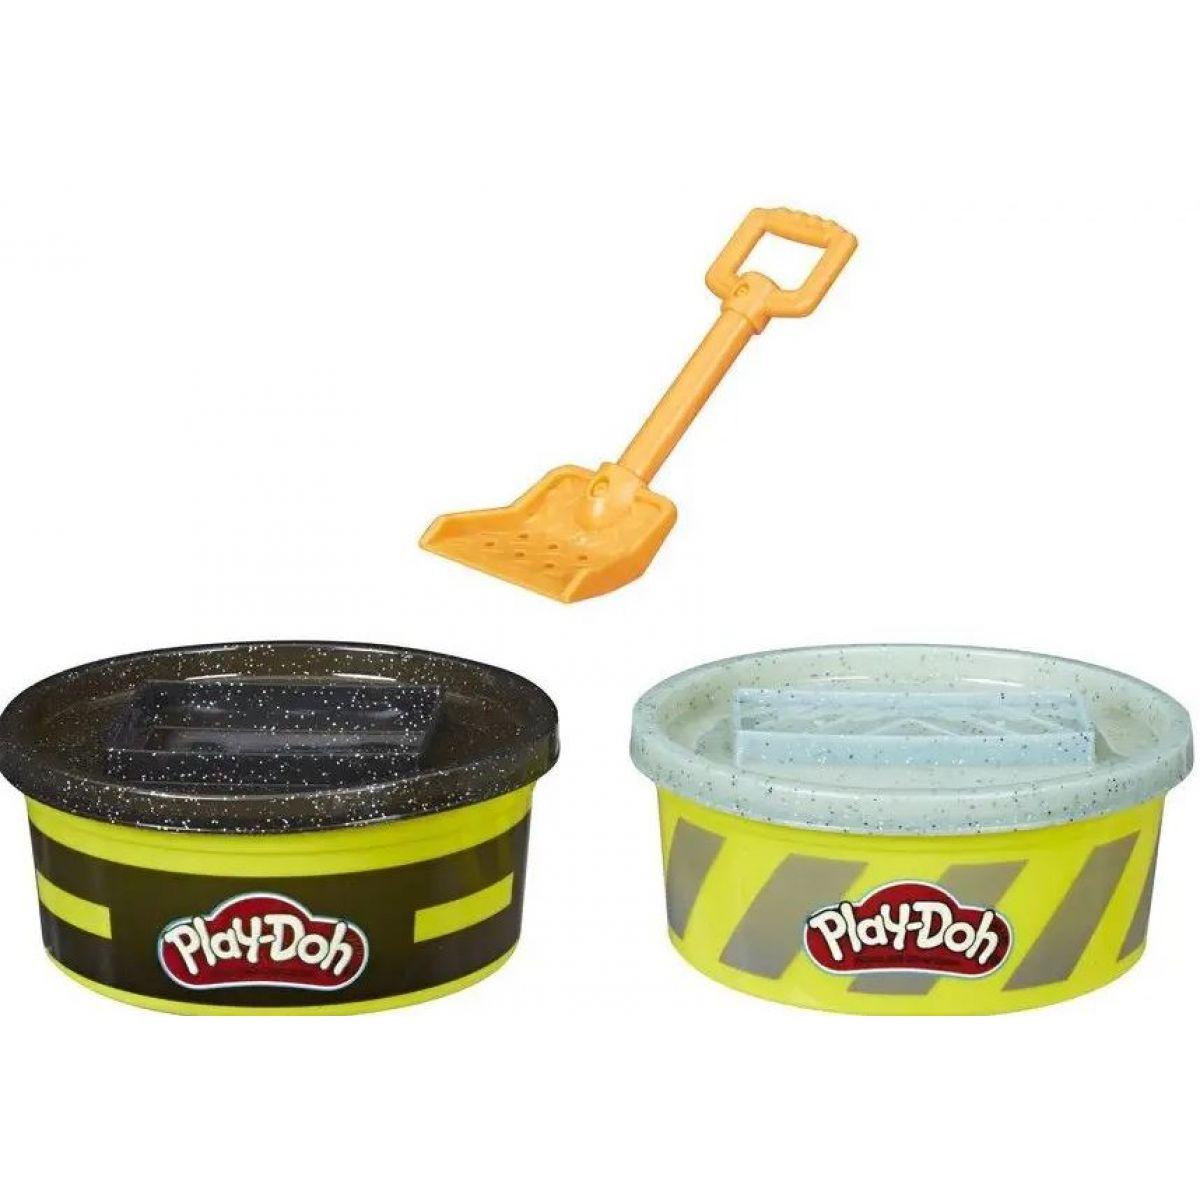 Play-Doh Wheels Stavebné plastelína čierna, sivá